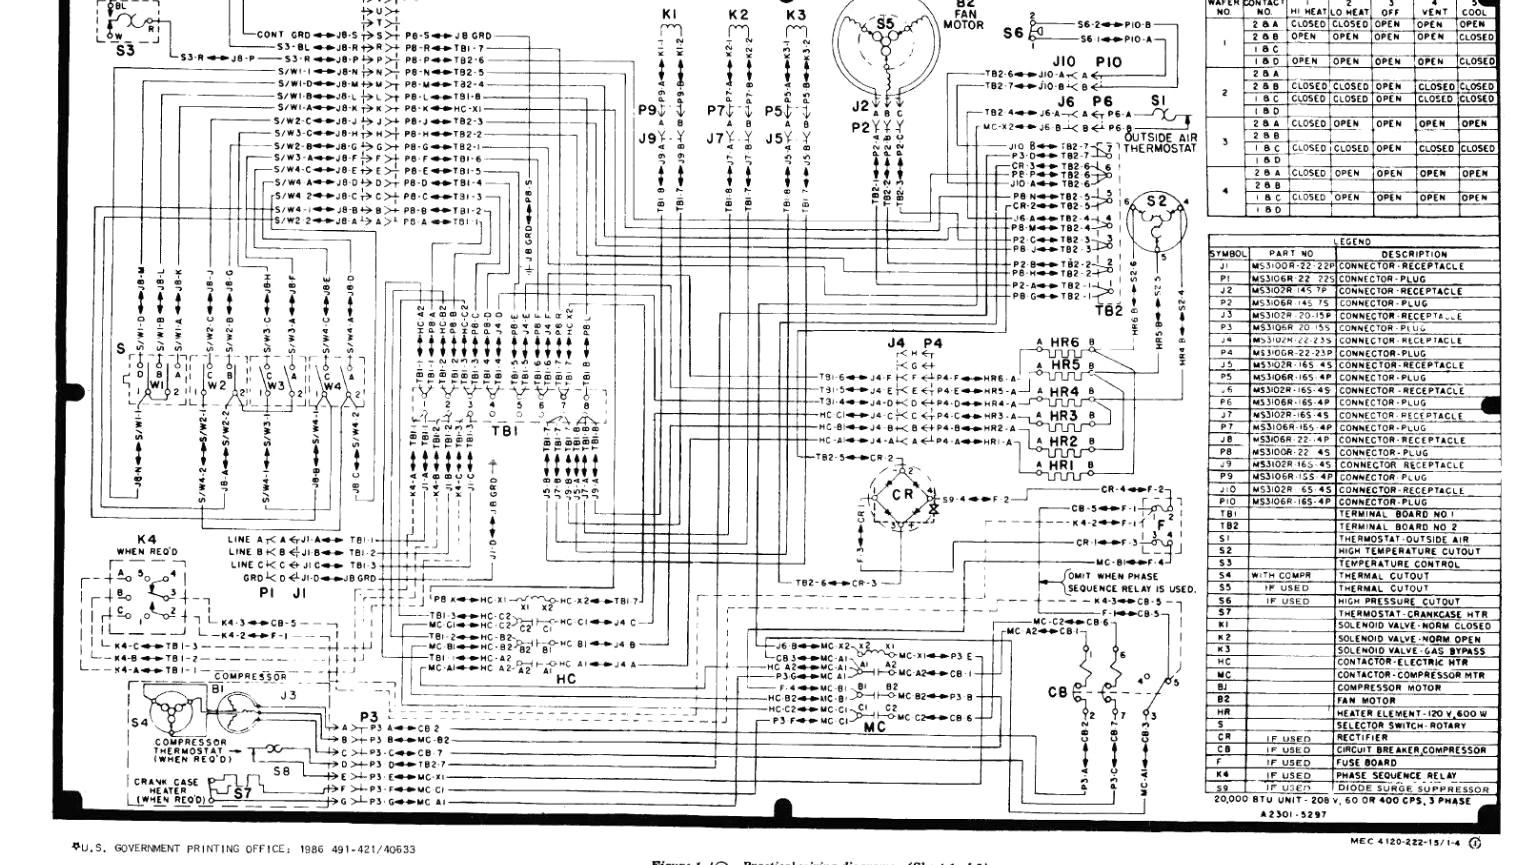 Trane Wiring Schematic | Wiring Diagram - Trane Rooftop Unit Wiring Diagram